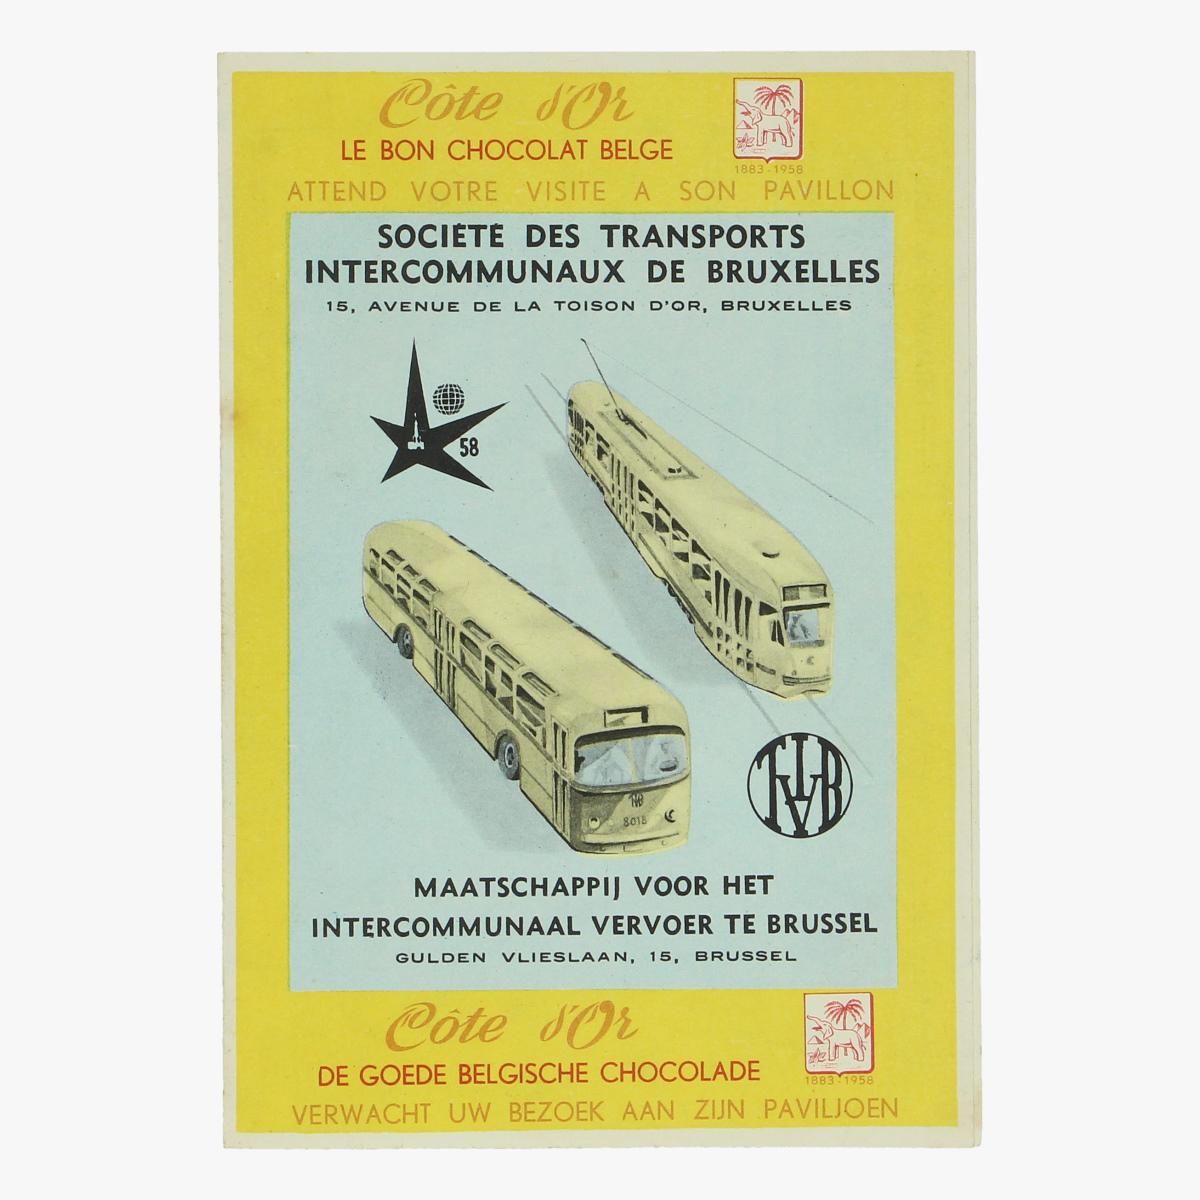 Afbeeldingen van expo 58 cote d'or le bon chocolat belge